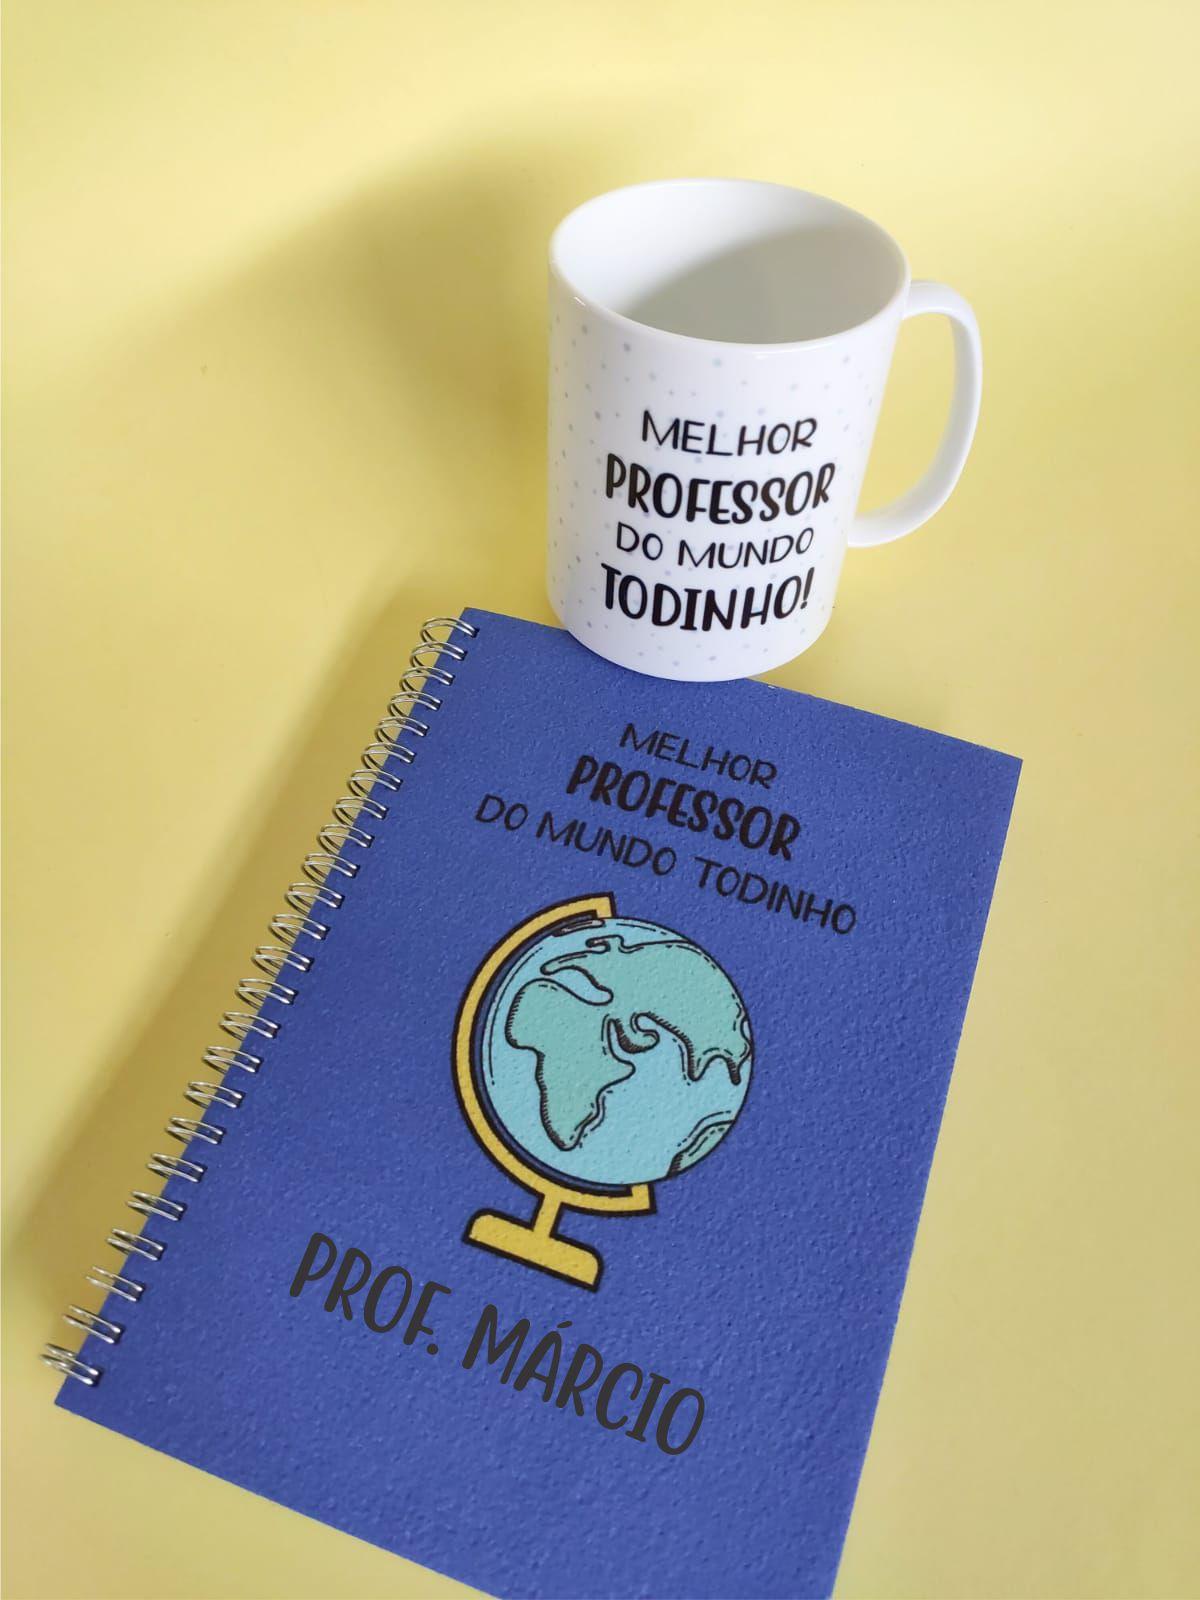 Kit Melhor Professor do Mundo